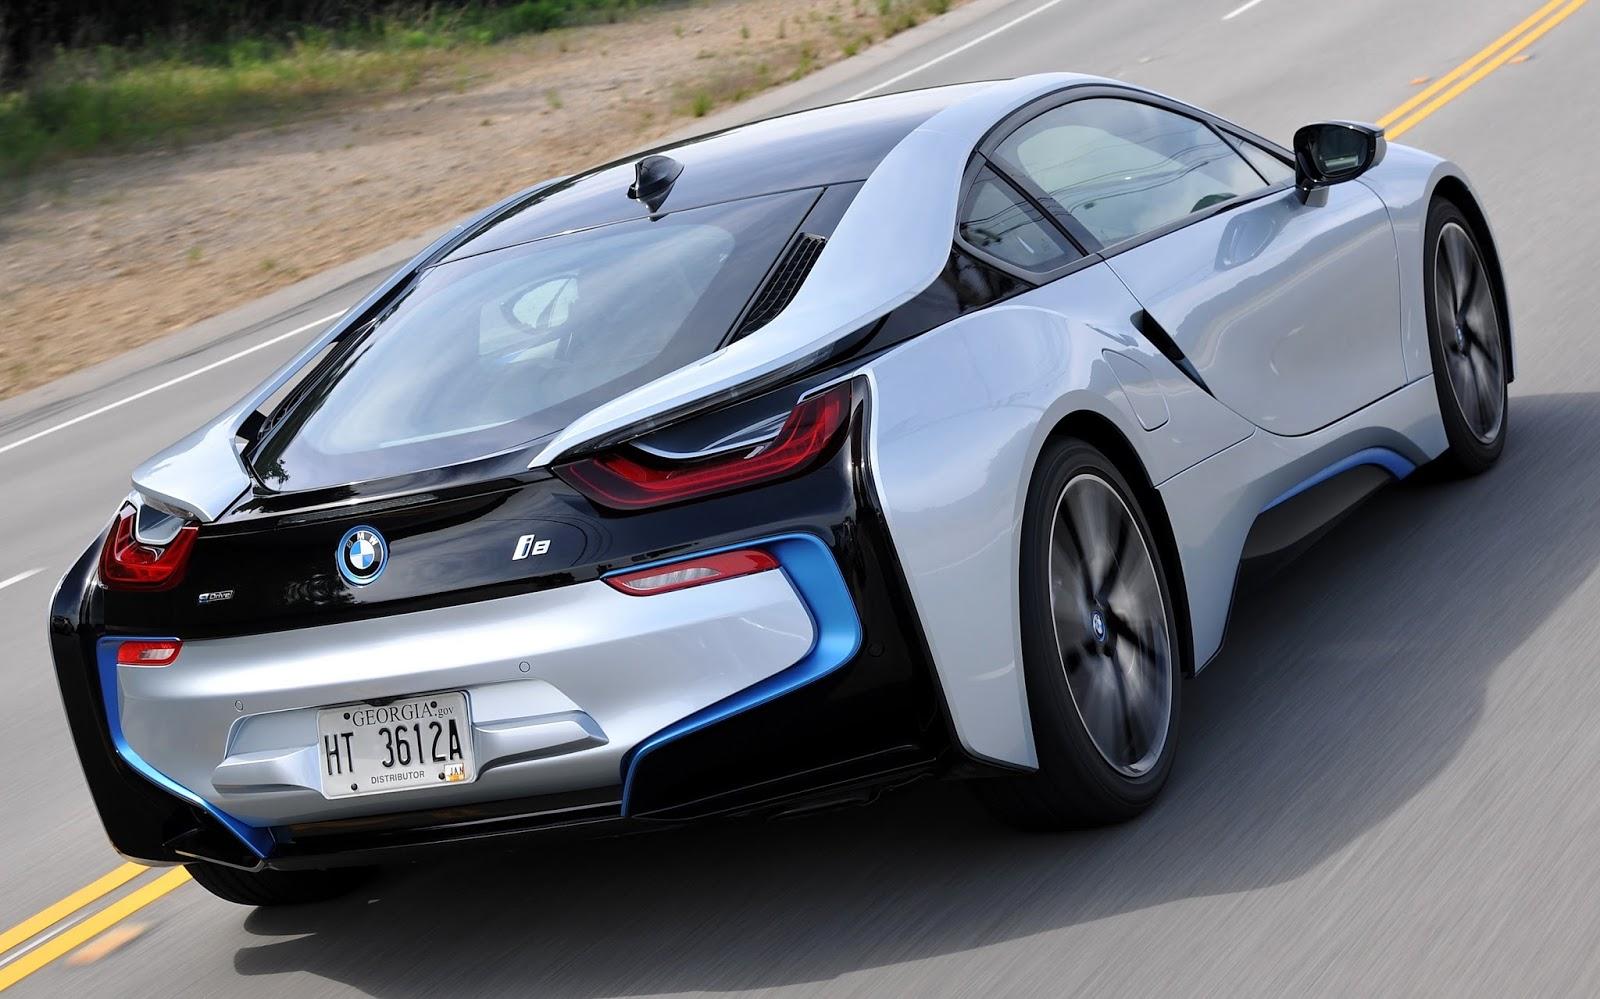 Bmw I8 Tem Dados De Consumo Aferidos Pelo Inmetro Car Blog Br